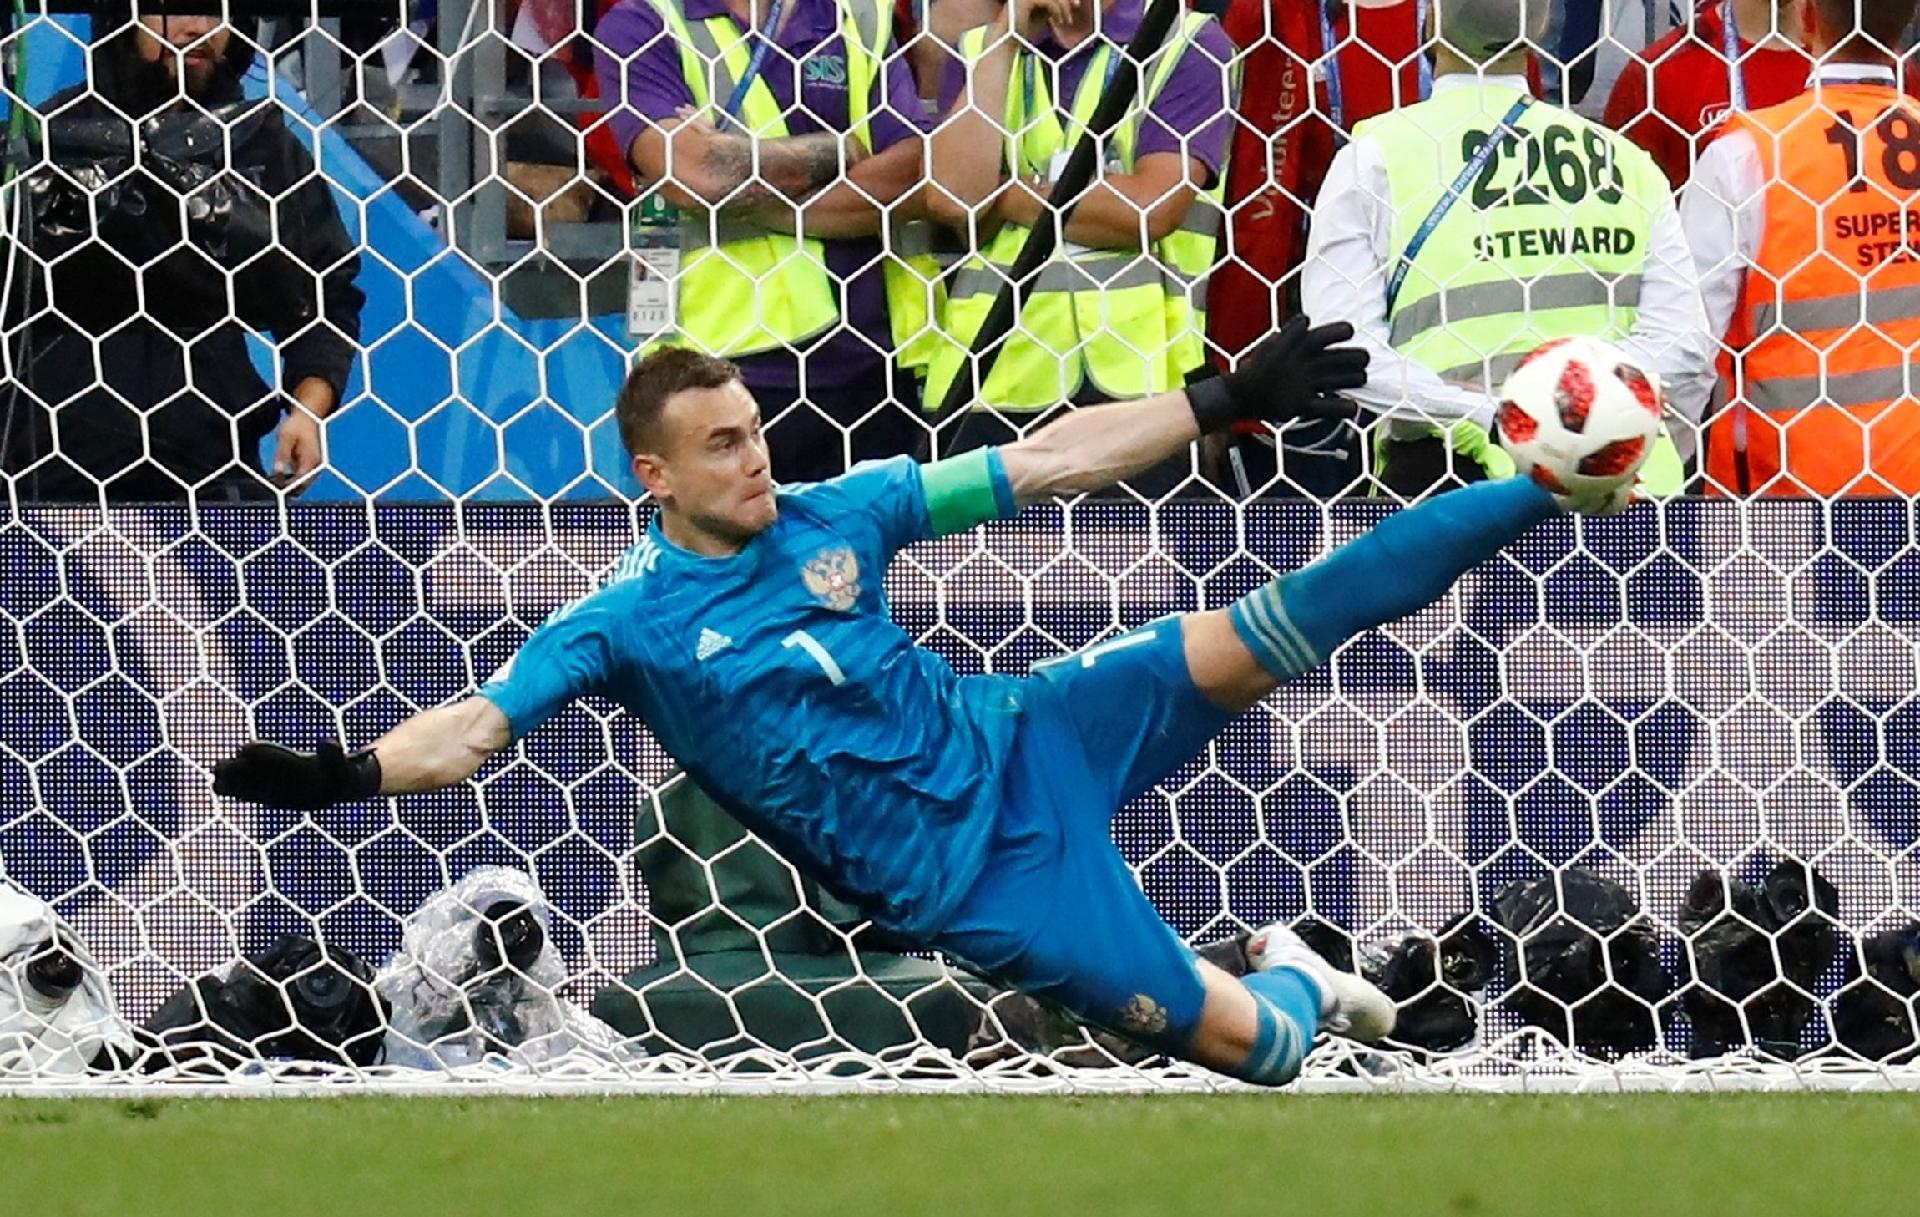 Rússia na Copa 2018  Victor brinca com goleiro russo e exige jantar por  defesa